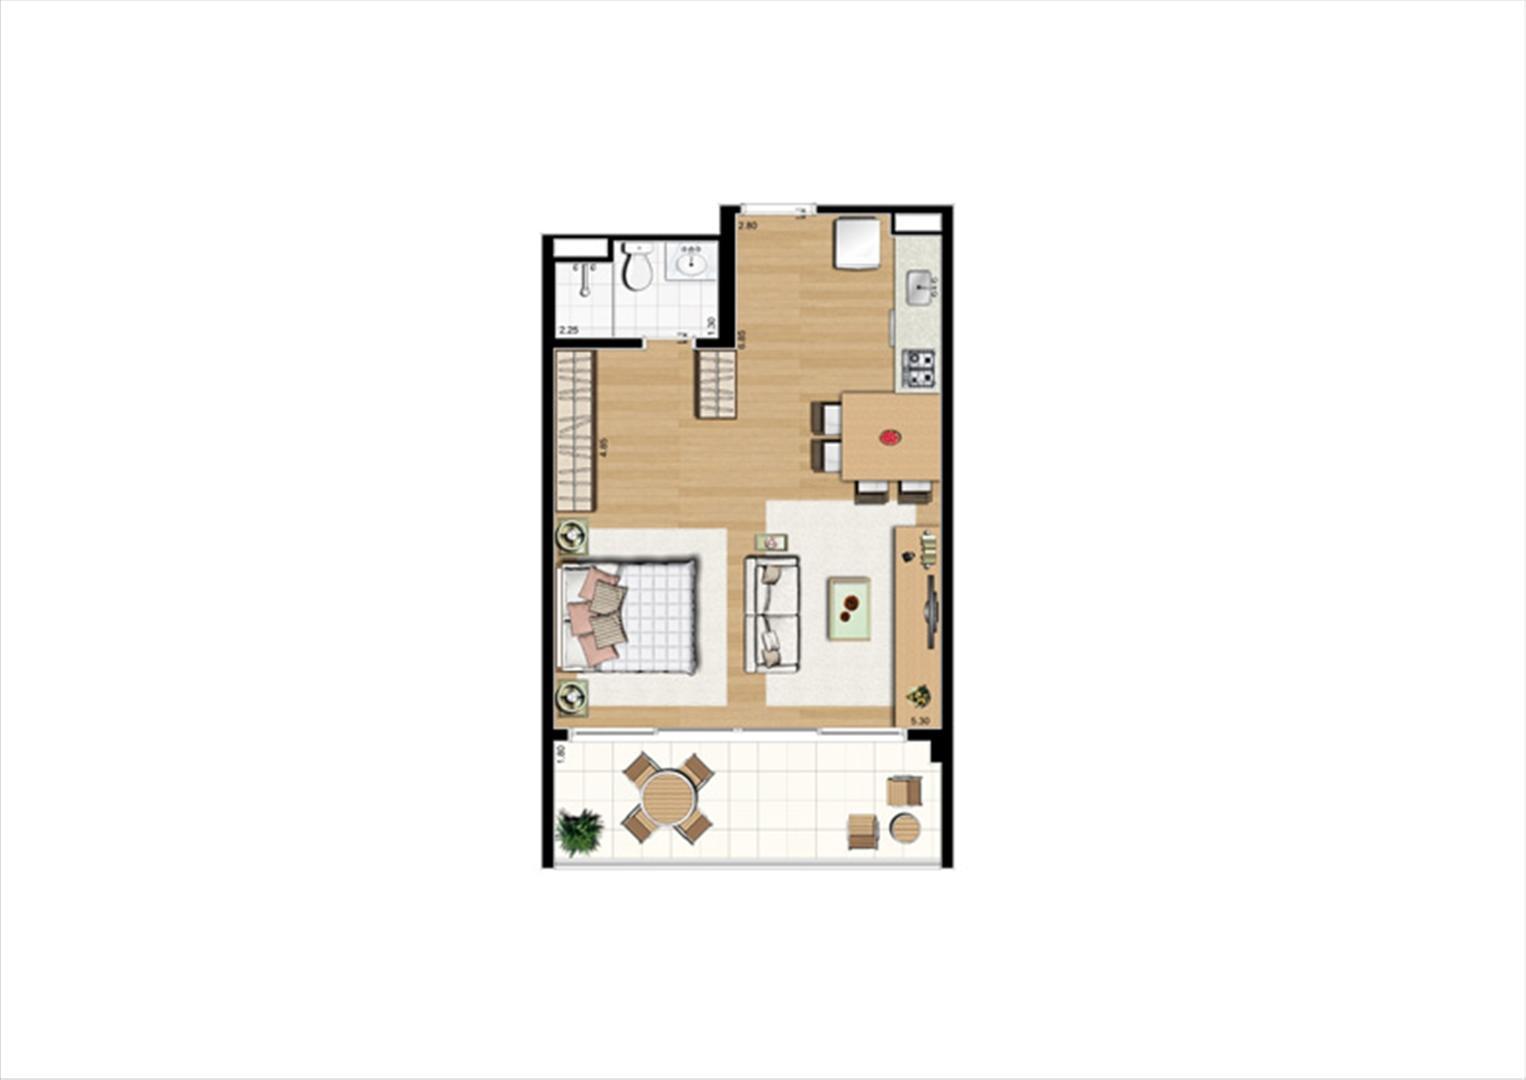 Planta studio inteligente de 48 m² - 2º ao 8º pavimento, finais 2 e 9 | Home Boutique – Apartamento no  Brooklin - São Paulo - São Paulo